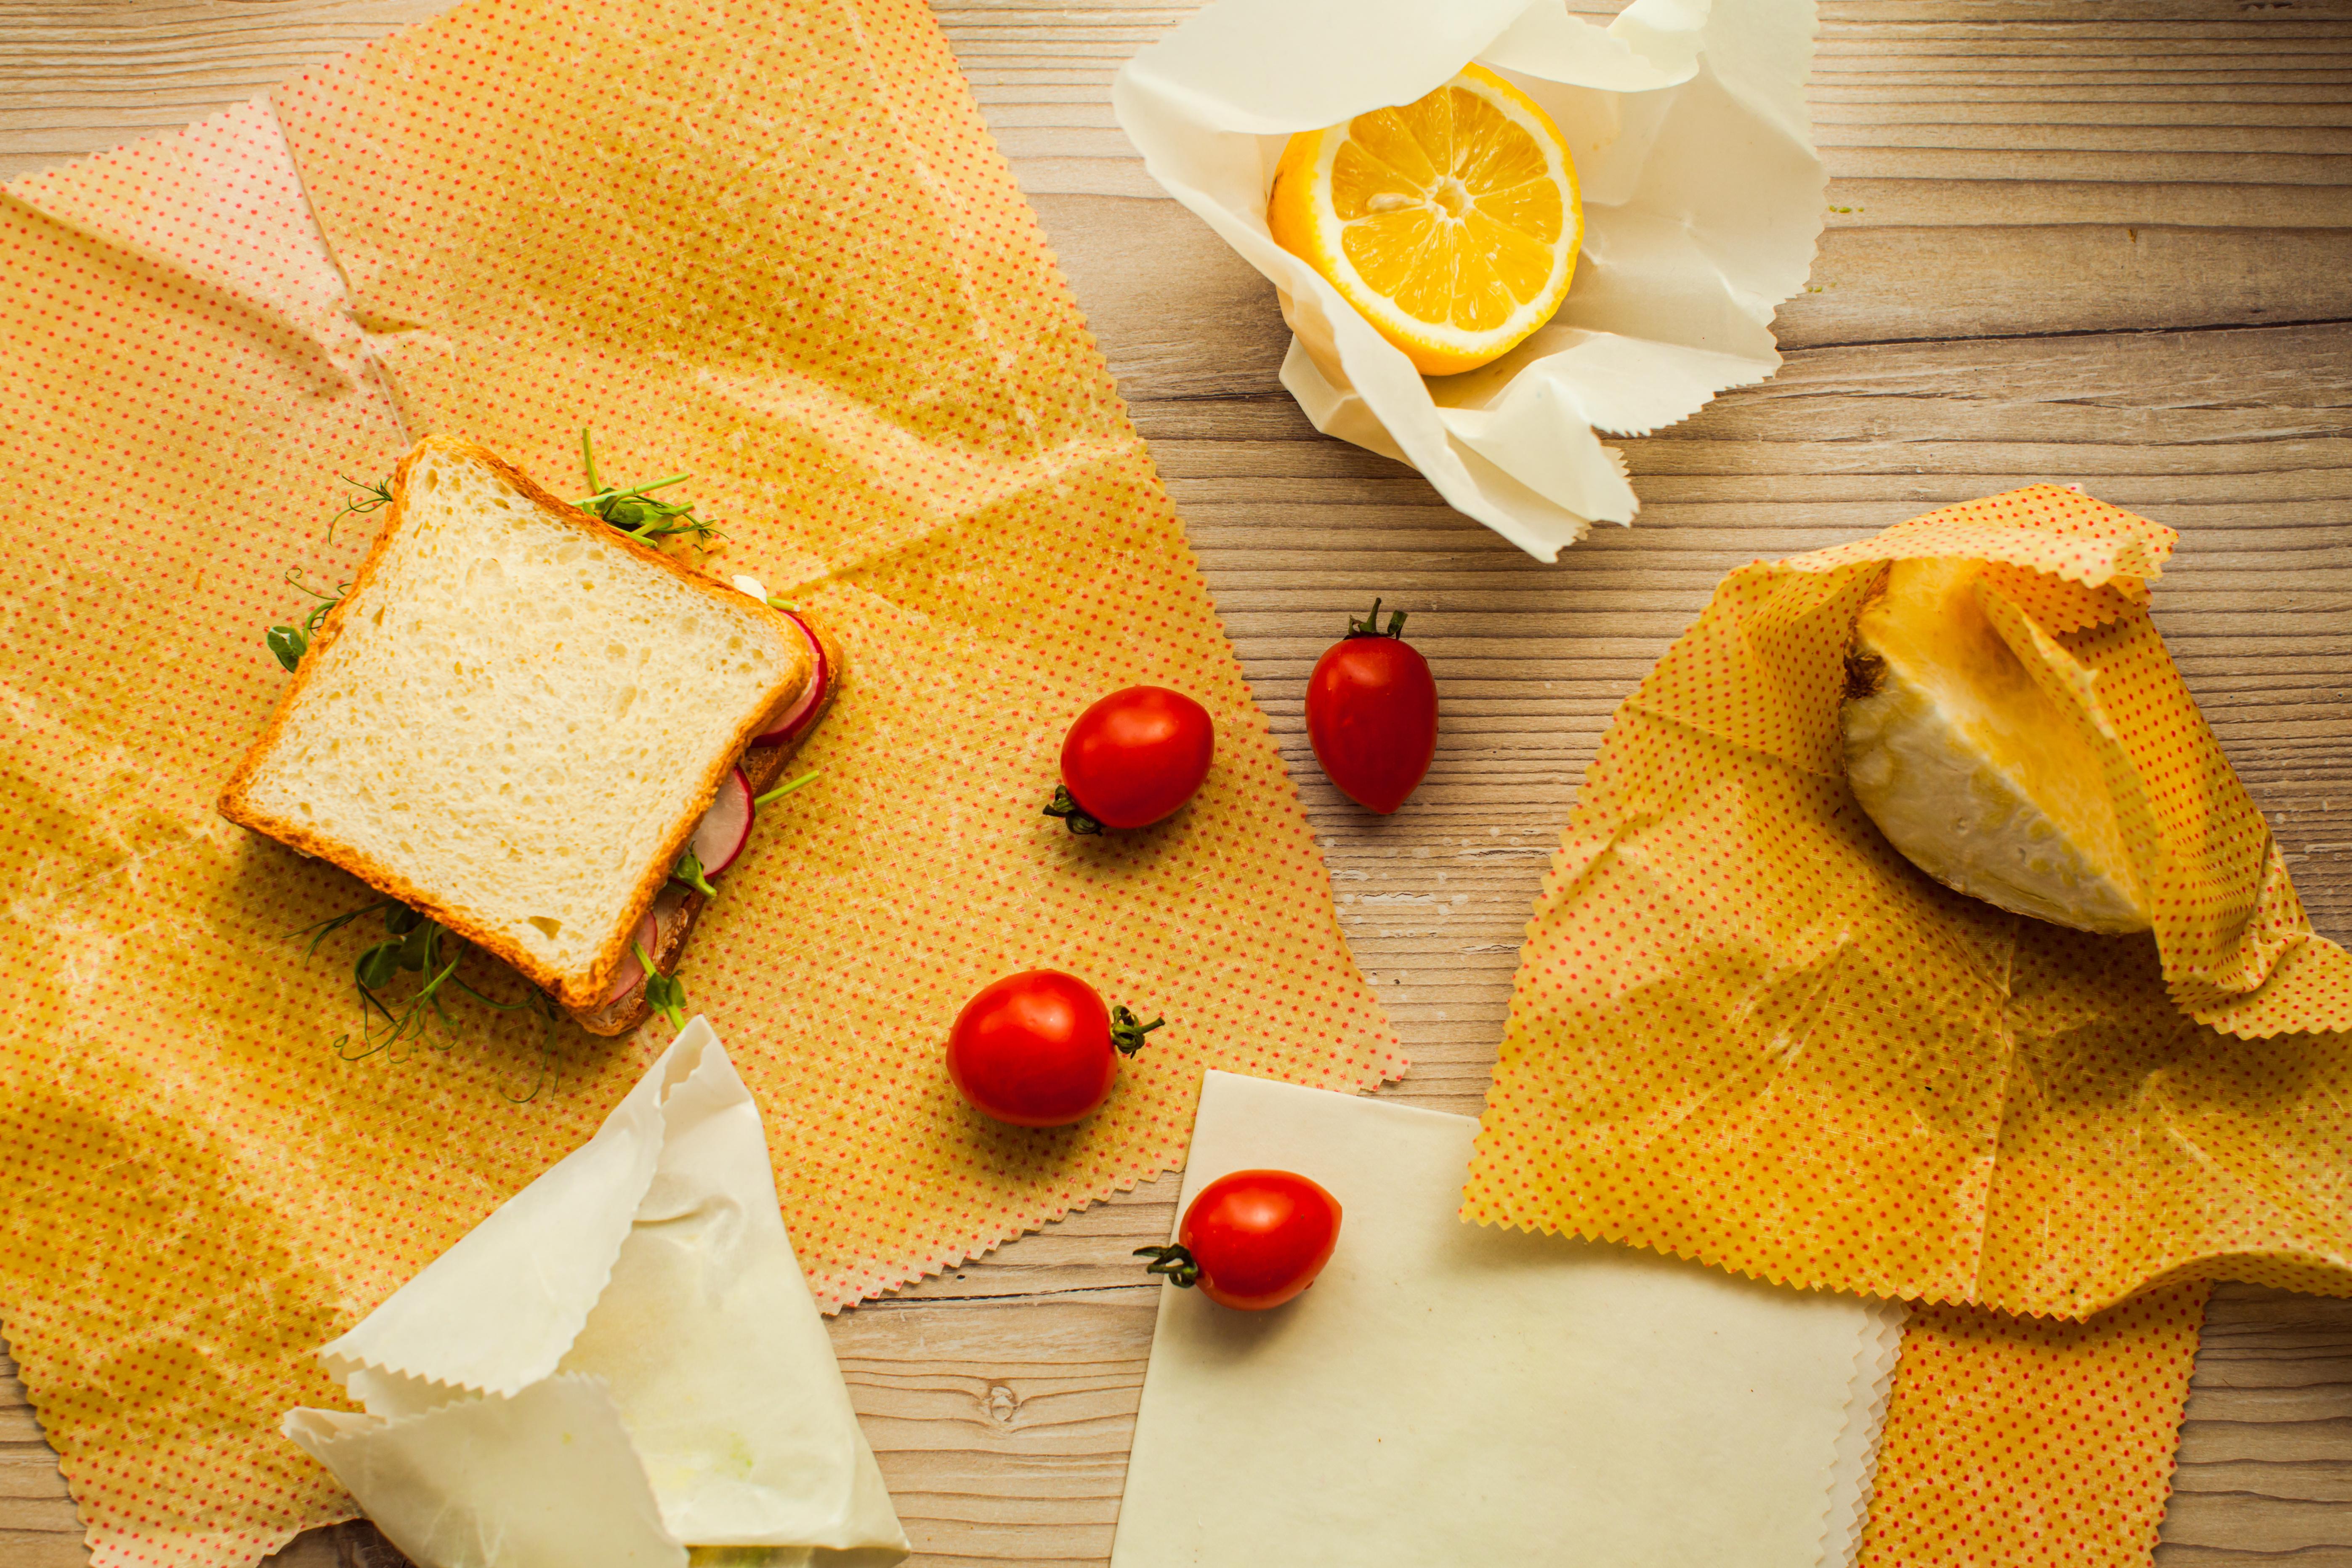 Gut Verpackt? - Schadstoffe in Lebensmittelverpackungen und Bedarfsgegenständen